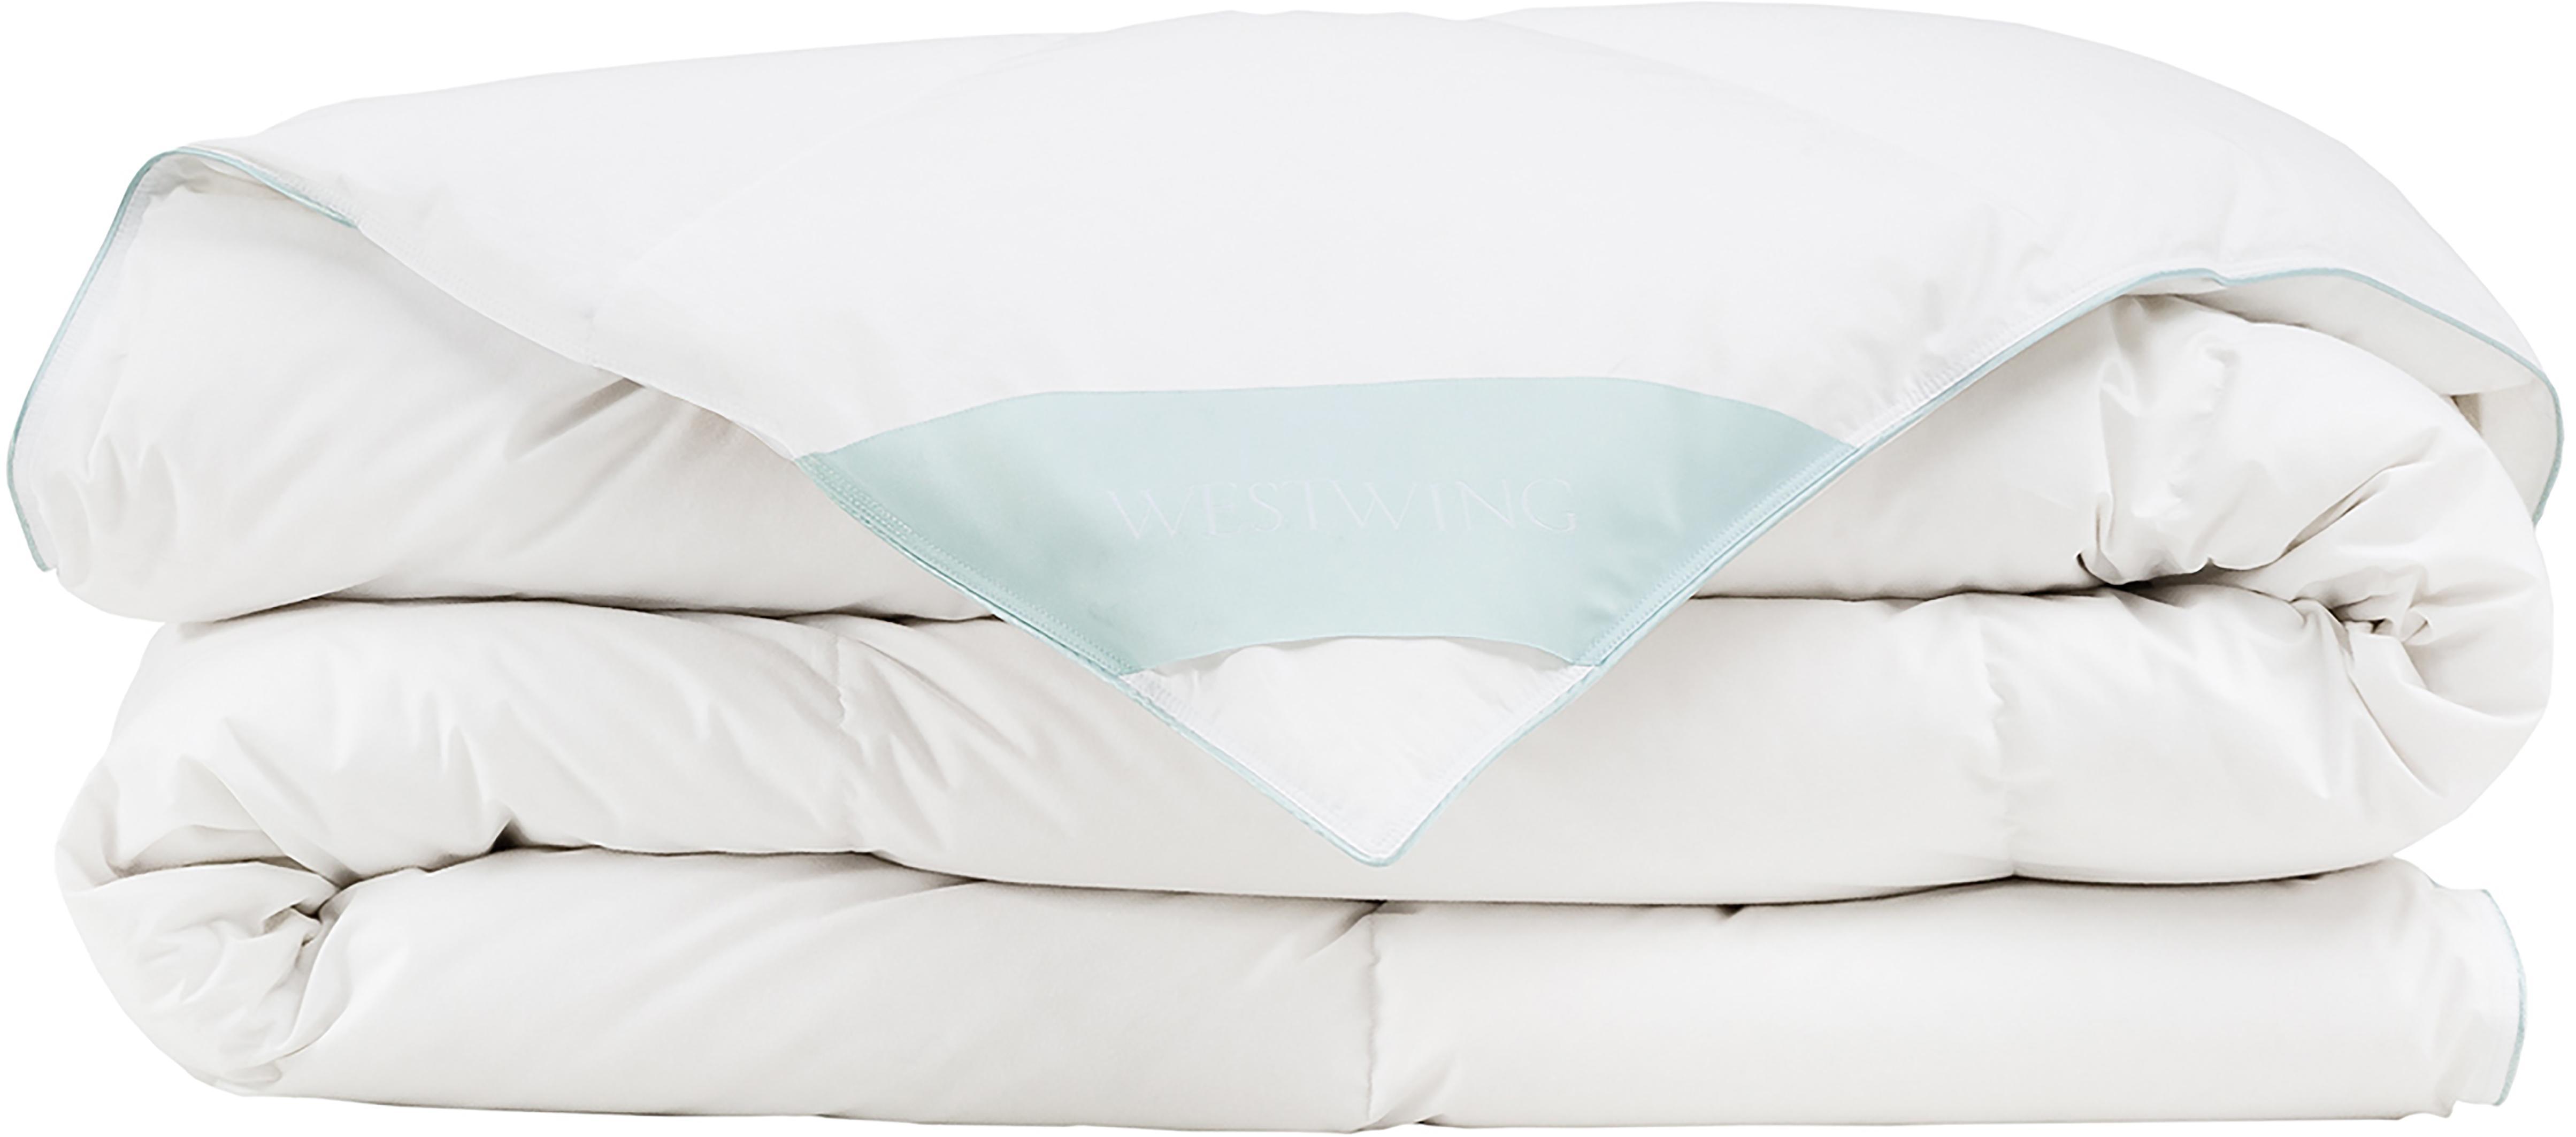 Puchowa kołdra kasetowa Comfort, średnio ciepła, Biały, S 135 x D 200 cm